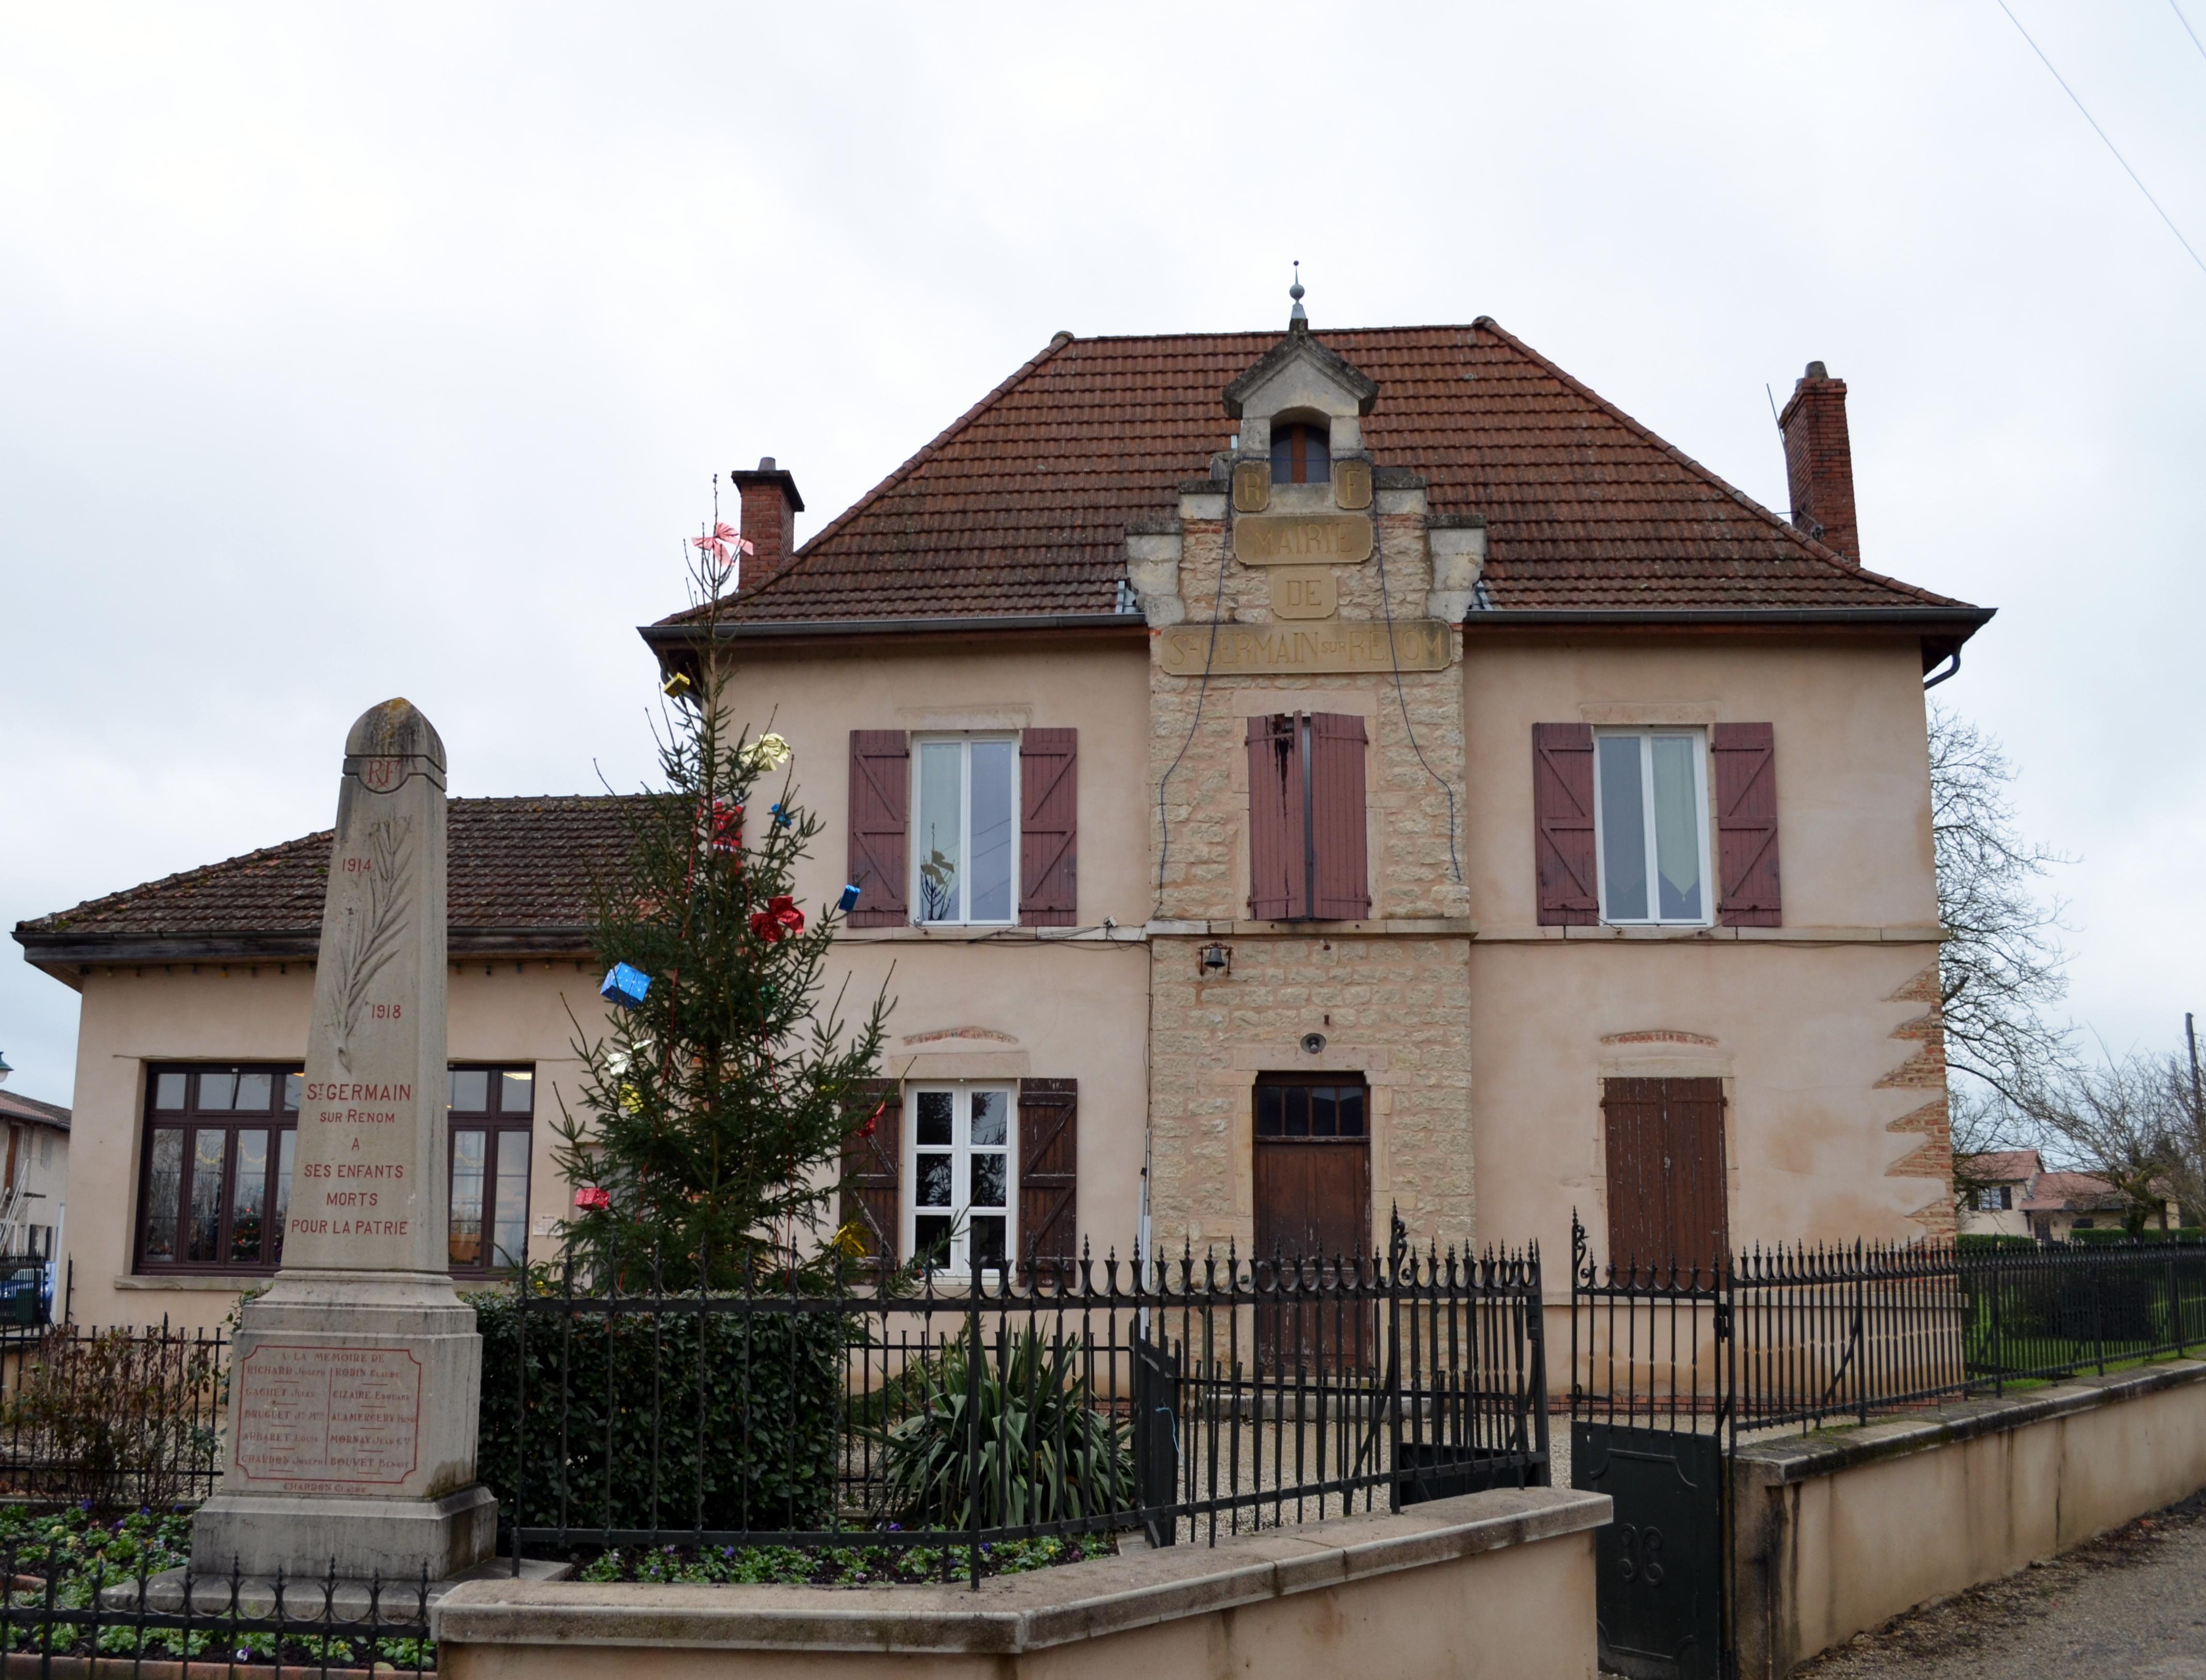 Saint-Germain-sur-Renon